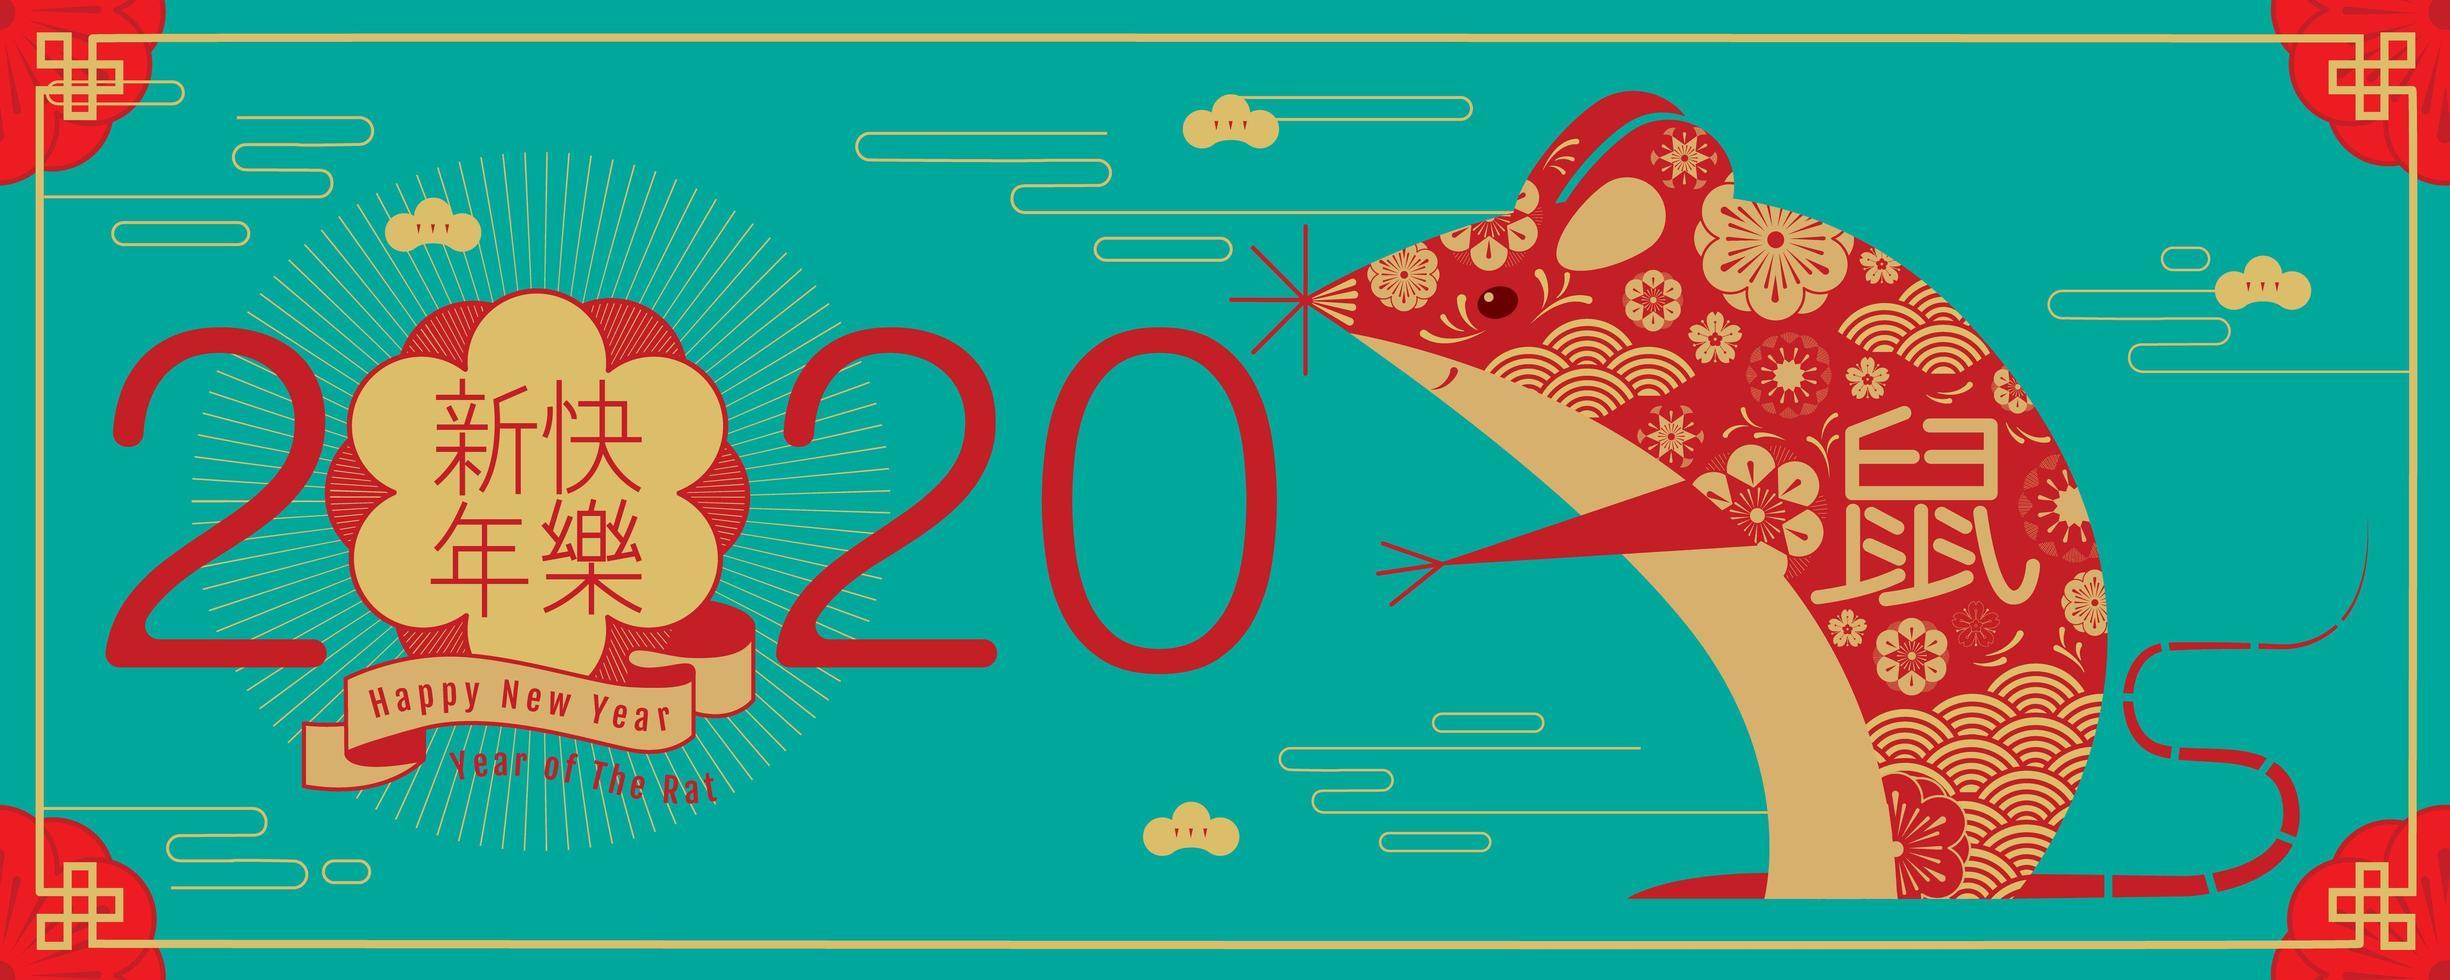 gemustertes Rattenbanner des chinesischen neuen Jahres 2020 vektor